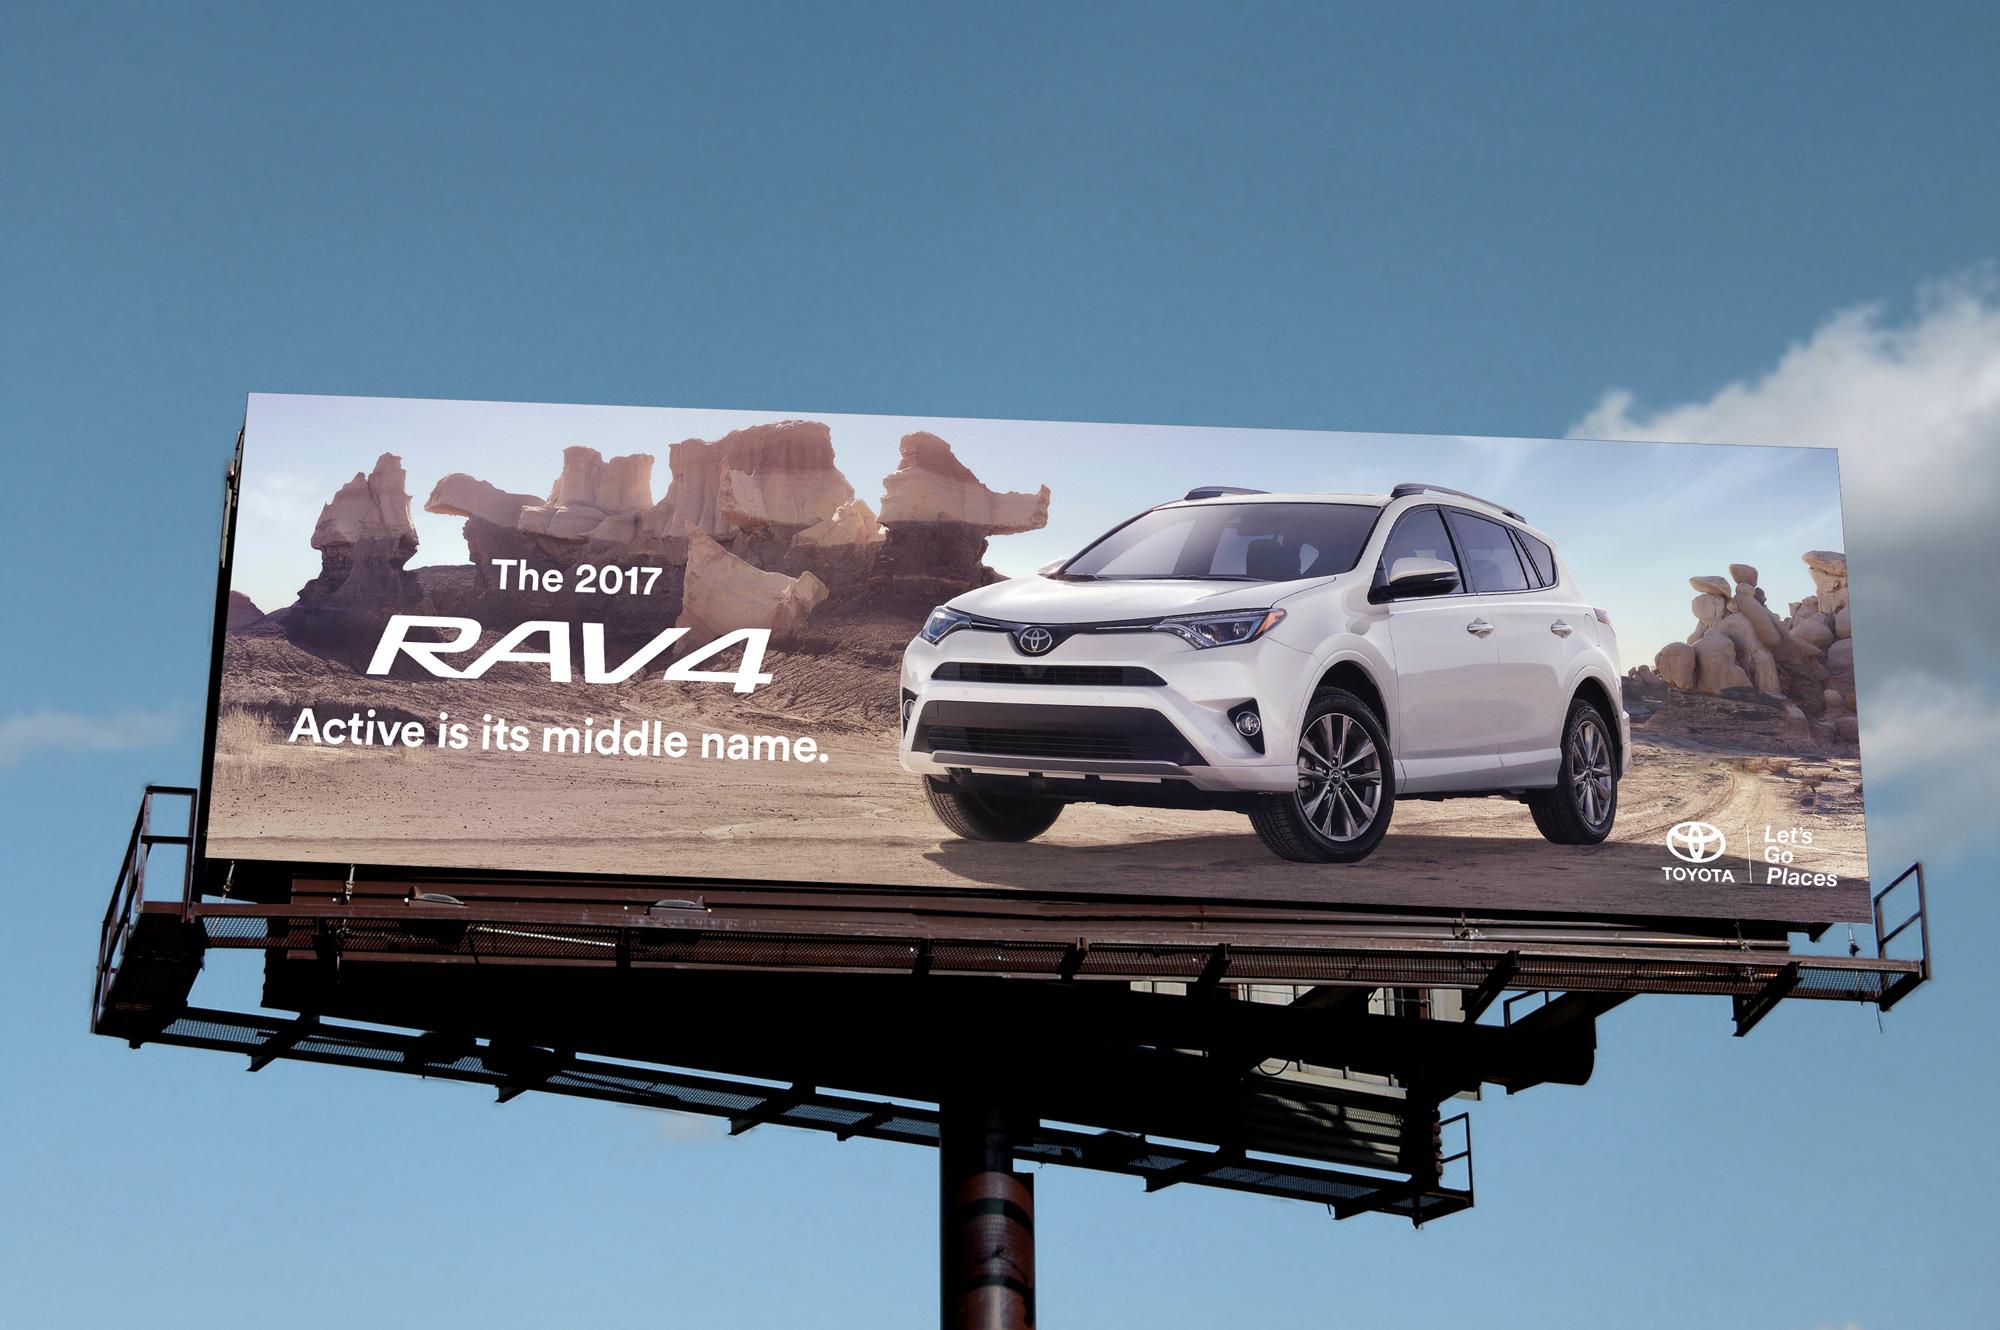 Toyota_Rav4_Regular-billboard